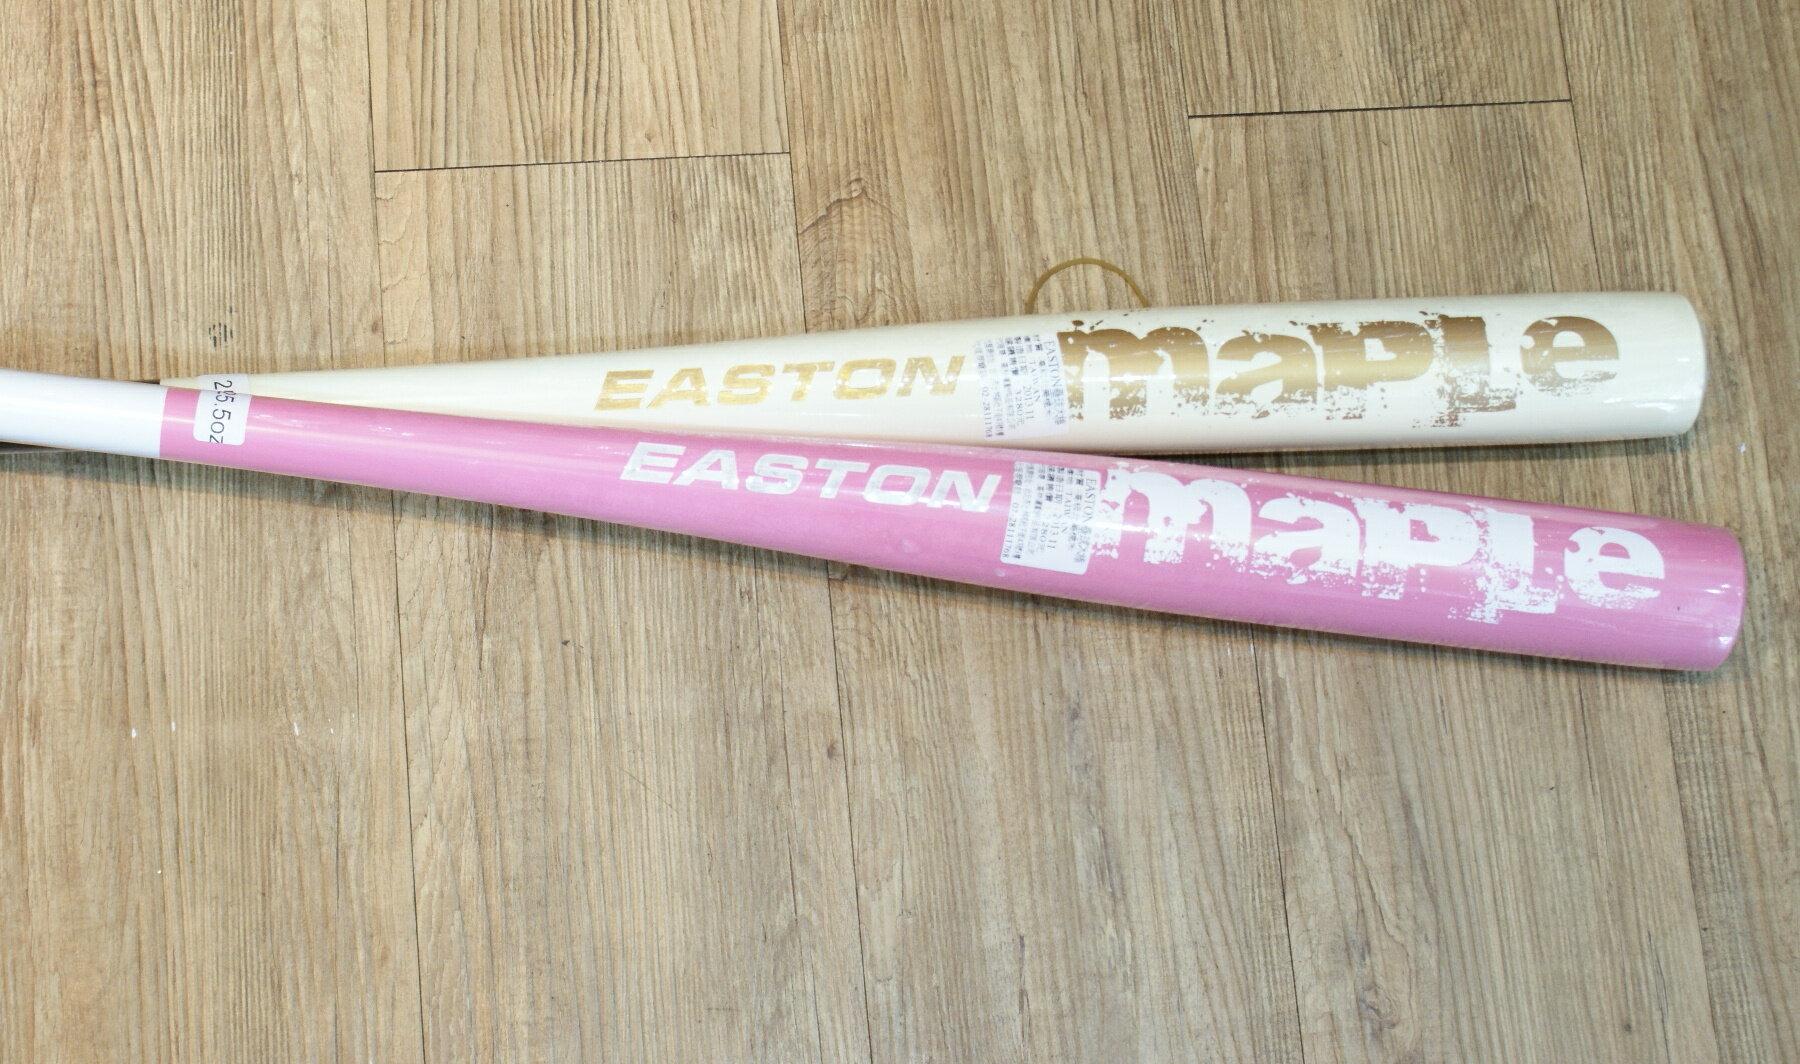 棒球世界EASTON 北美楓木壘球木棒 特價 最新款